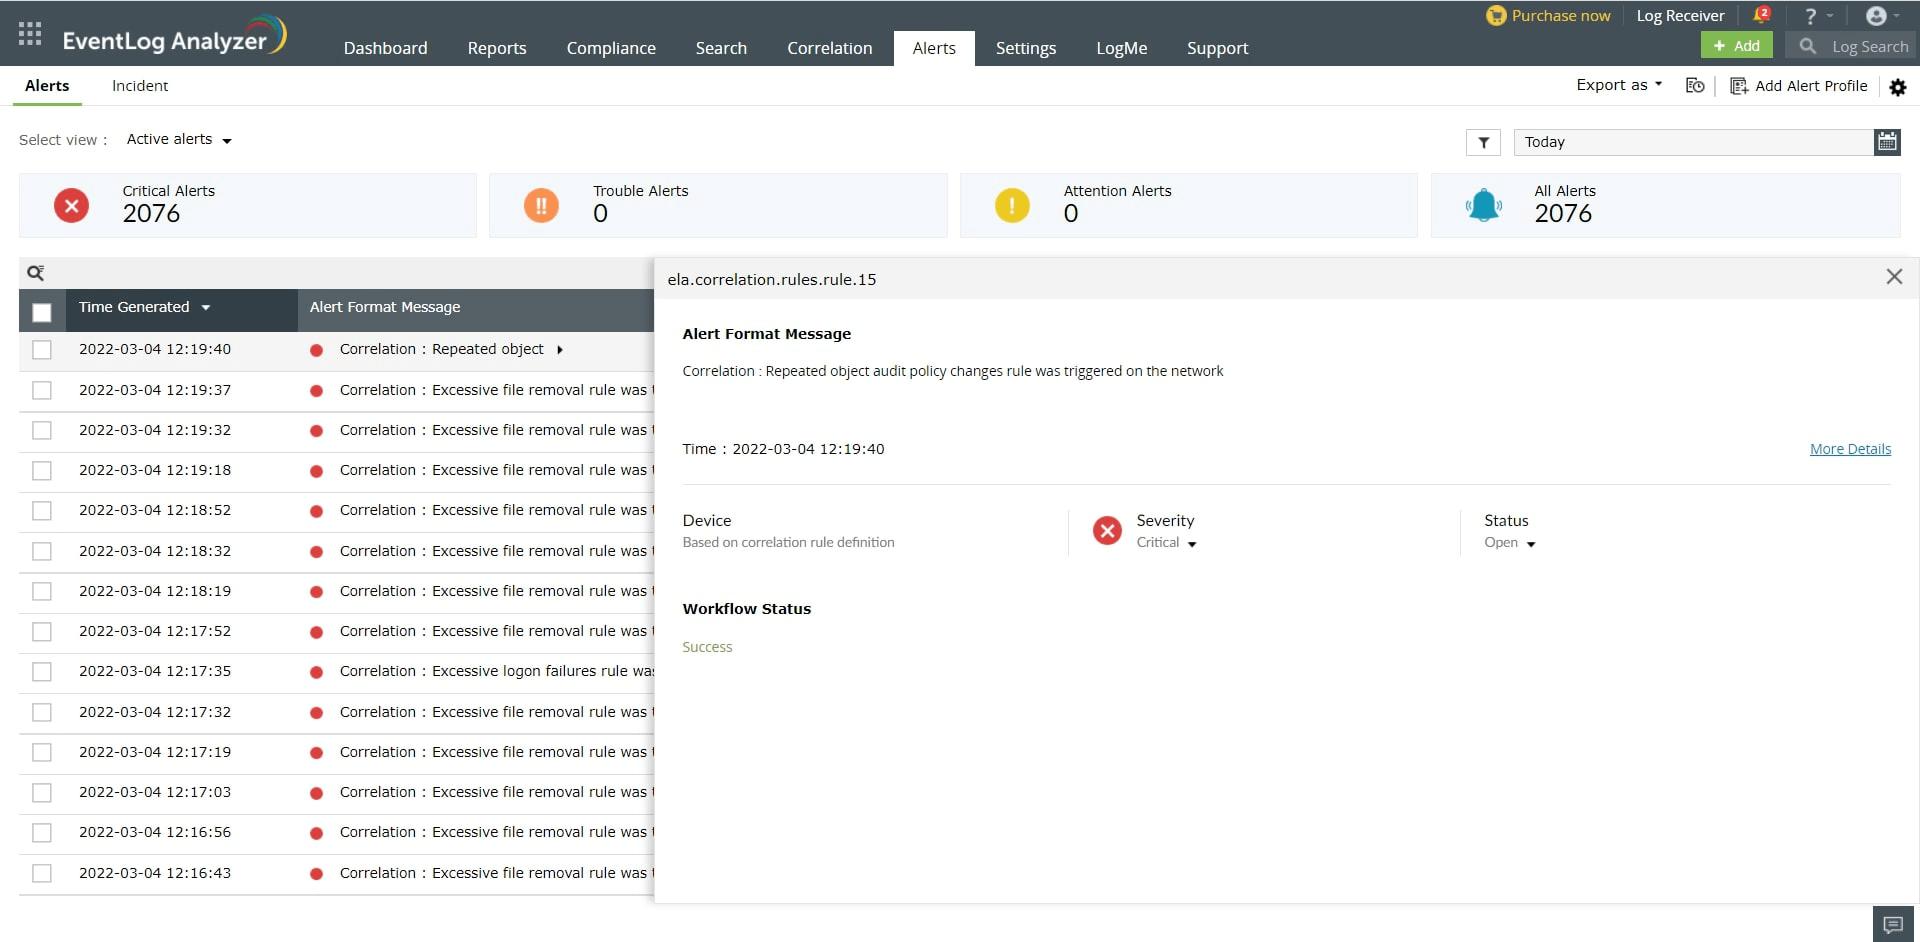 workflow-status